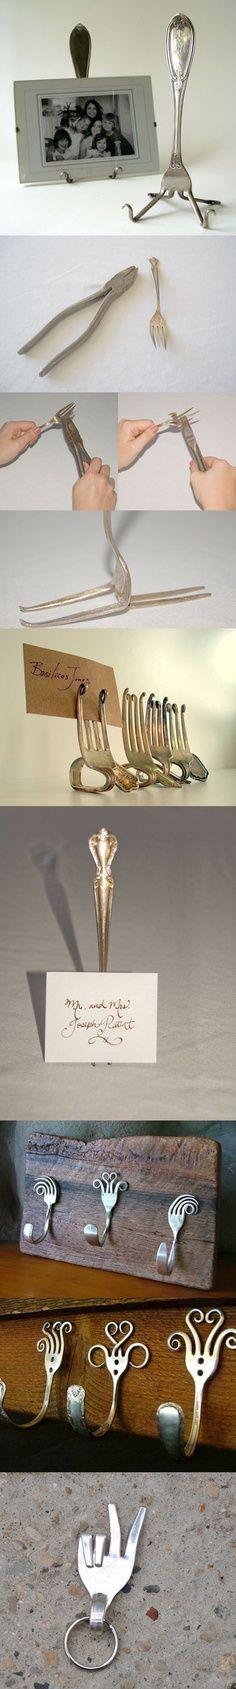 Love fork art